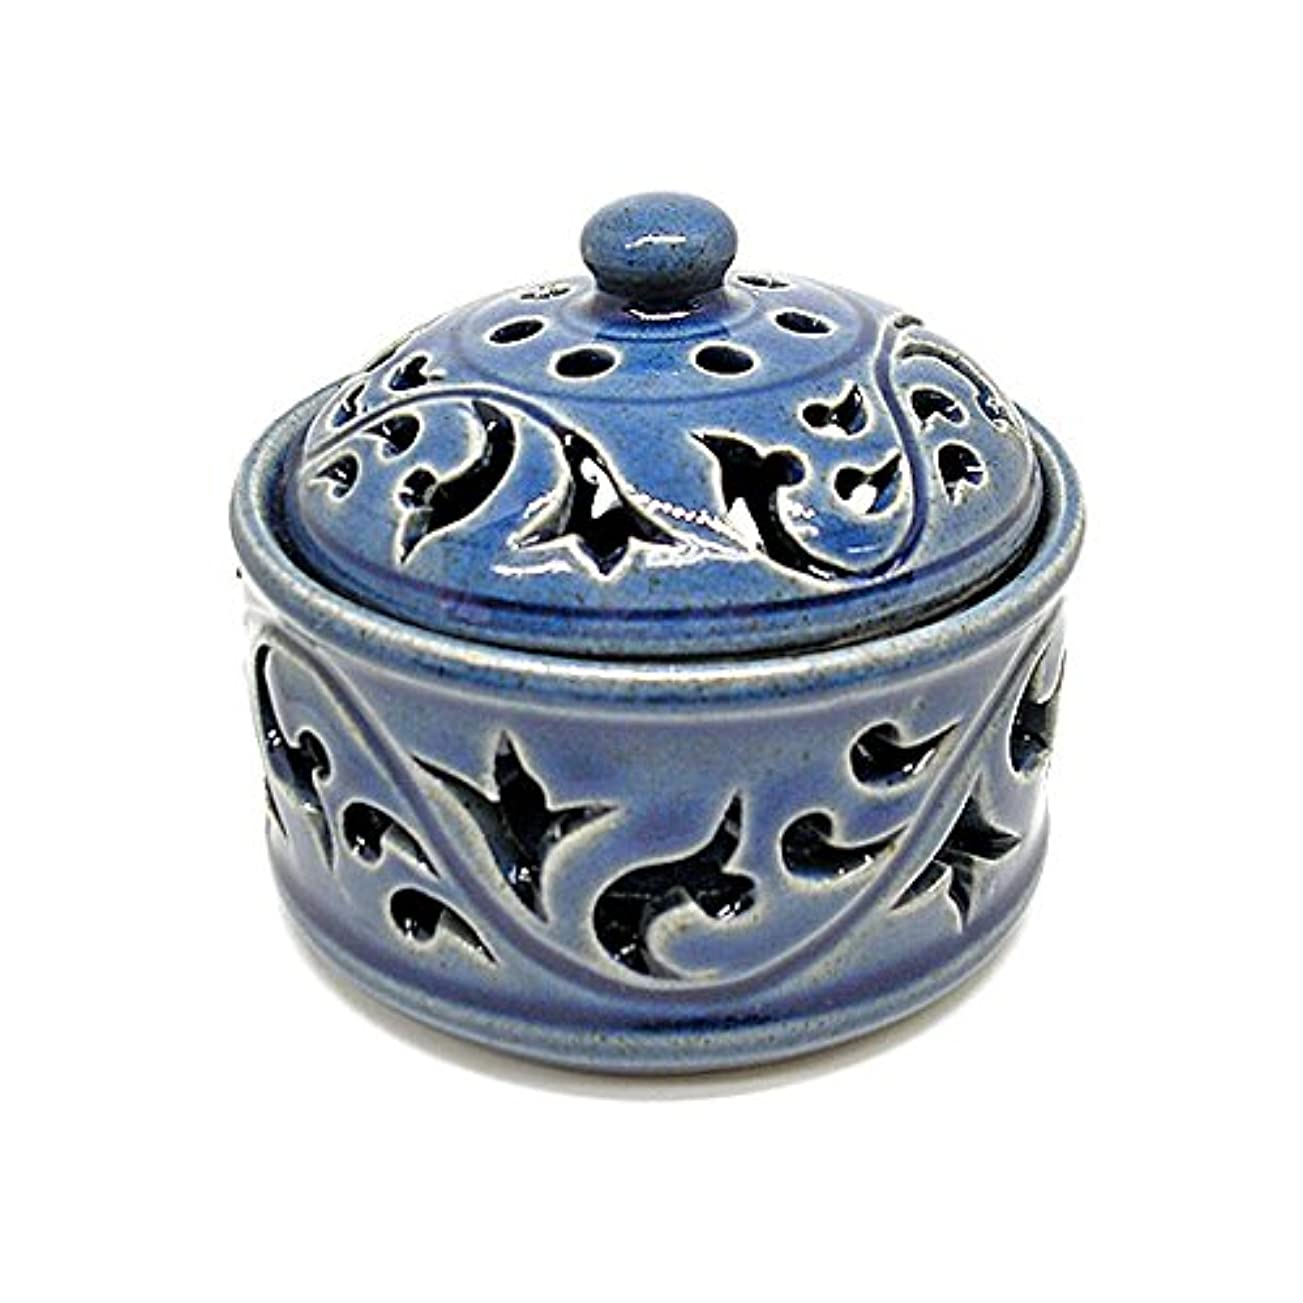 在庫許可するハンディ唐草模様の陶器の香炉 小物入れ ブルー インセンスホルダー お香立て アジアン雑貨 並行輸入品(ノーブランド品) [並行輸入品]